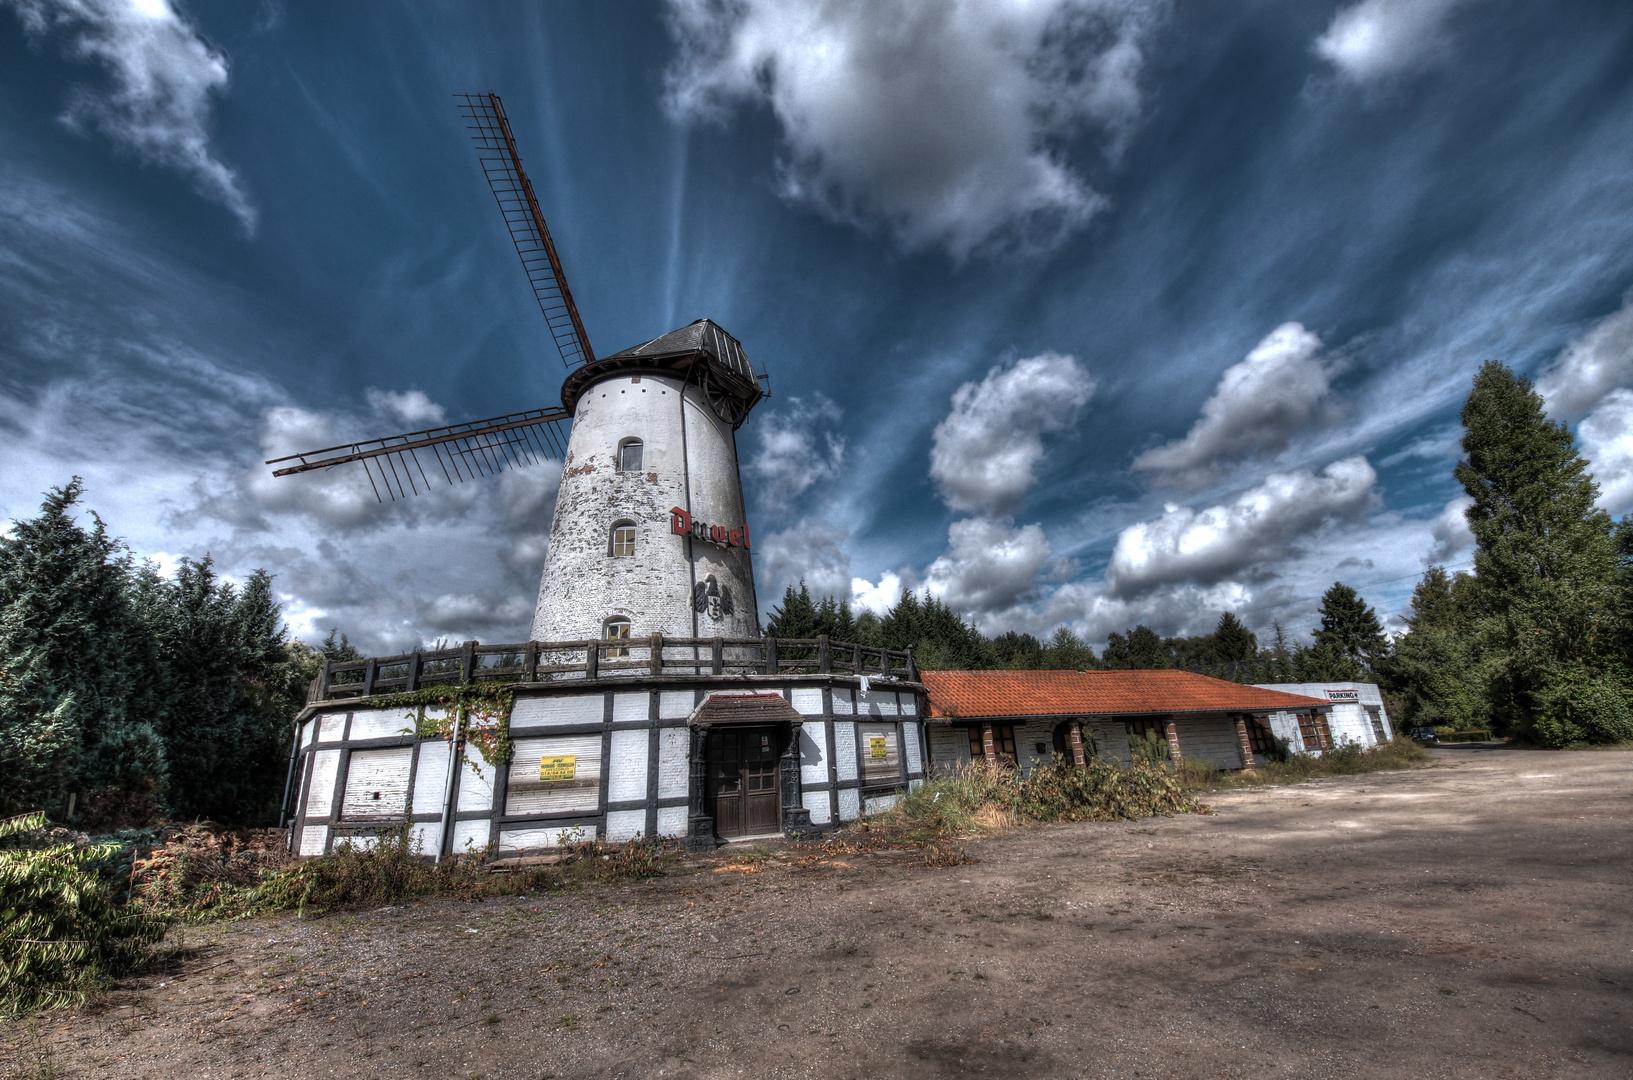 Es klappert die Mühle am rauschenden Bach ,.....